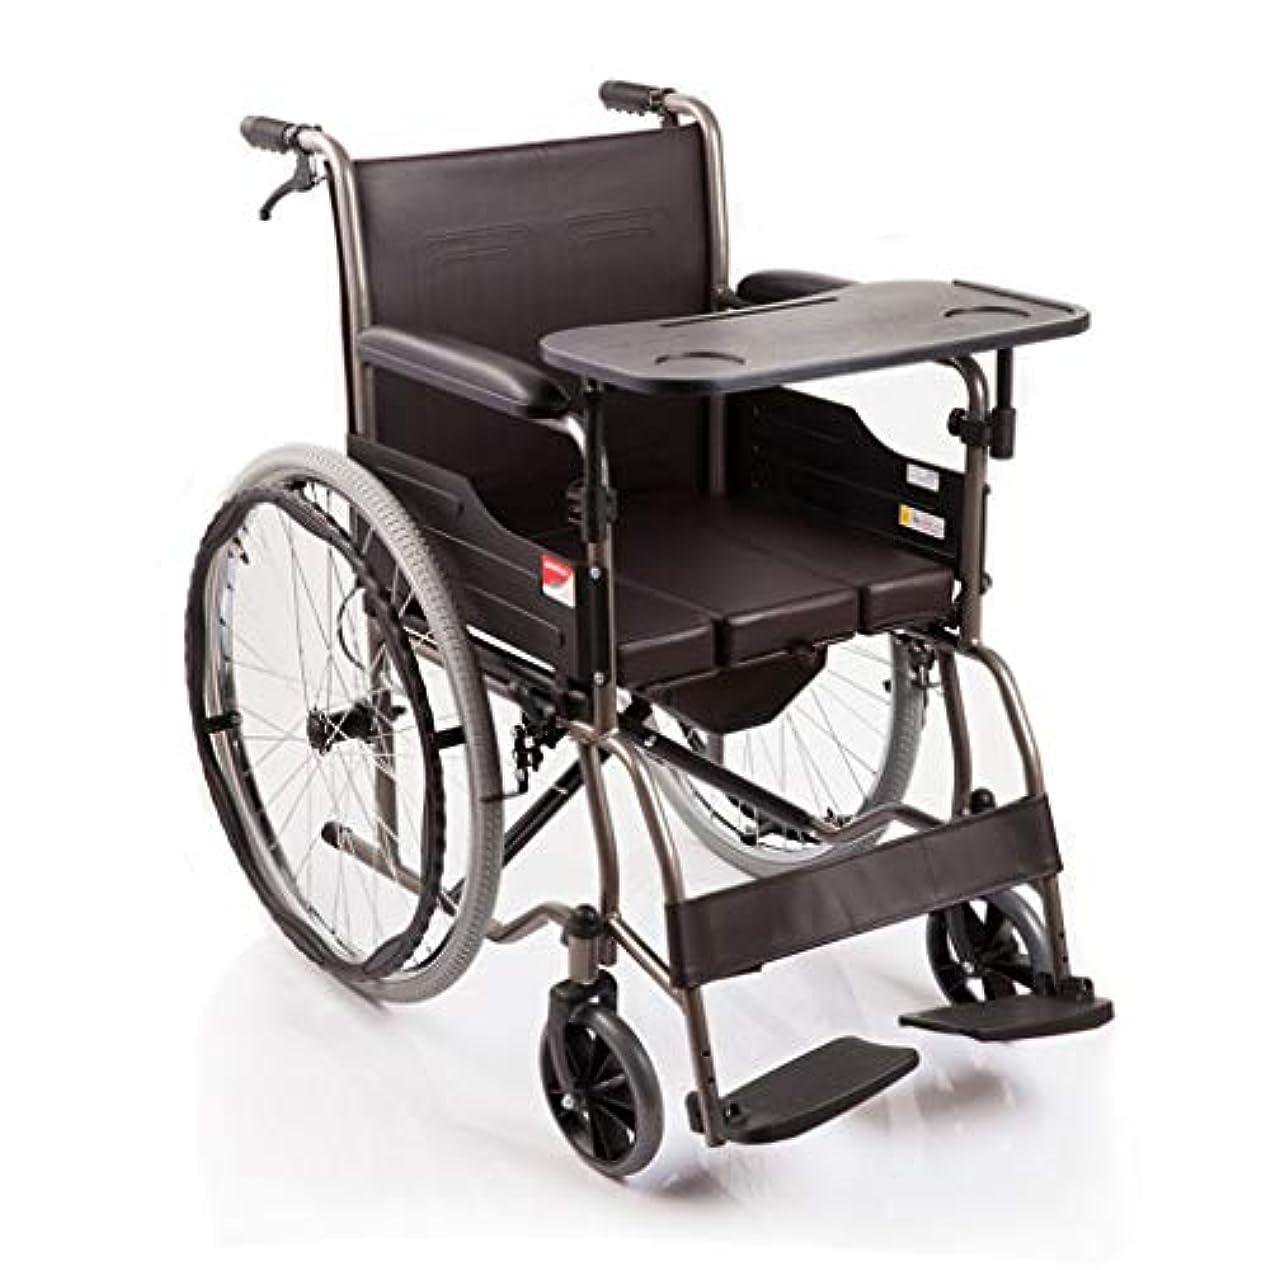 植木登録消す手動車椅子シミュレーションレザーシートクッション、多機能車椅子、高齢者用屋外折りたたみ式トイレデザイン車椅子